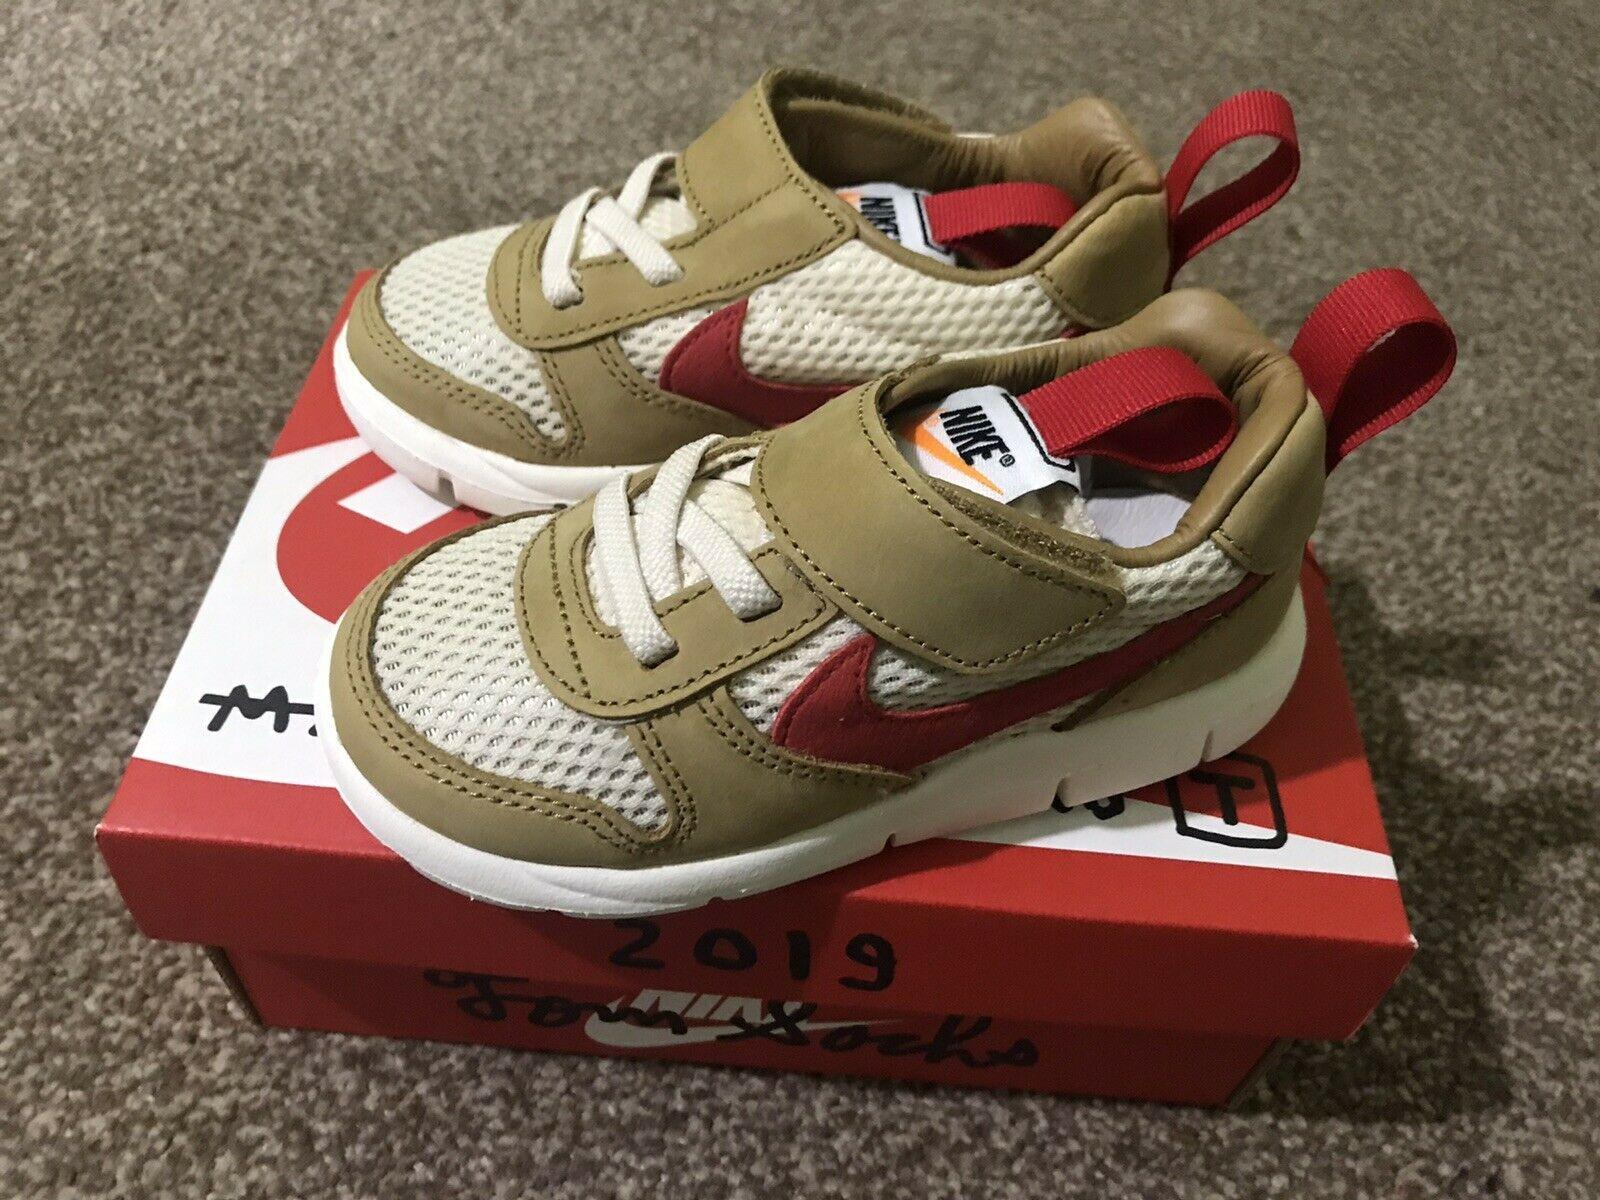 Nike Mars Yard Tom Sachs TD